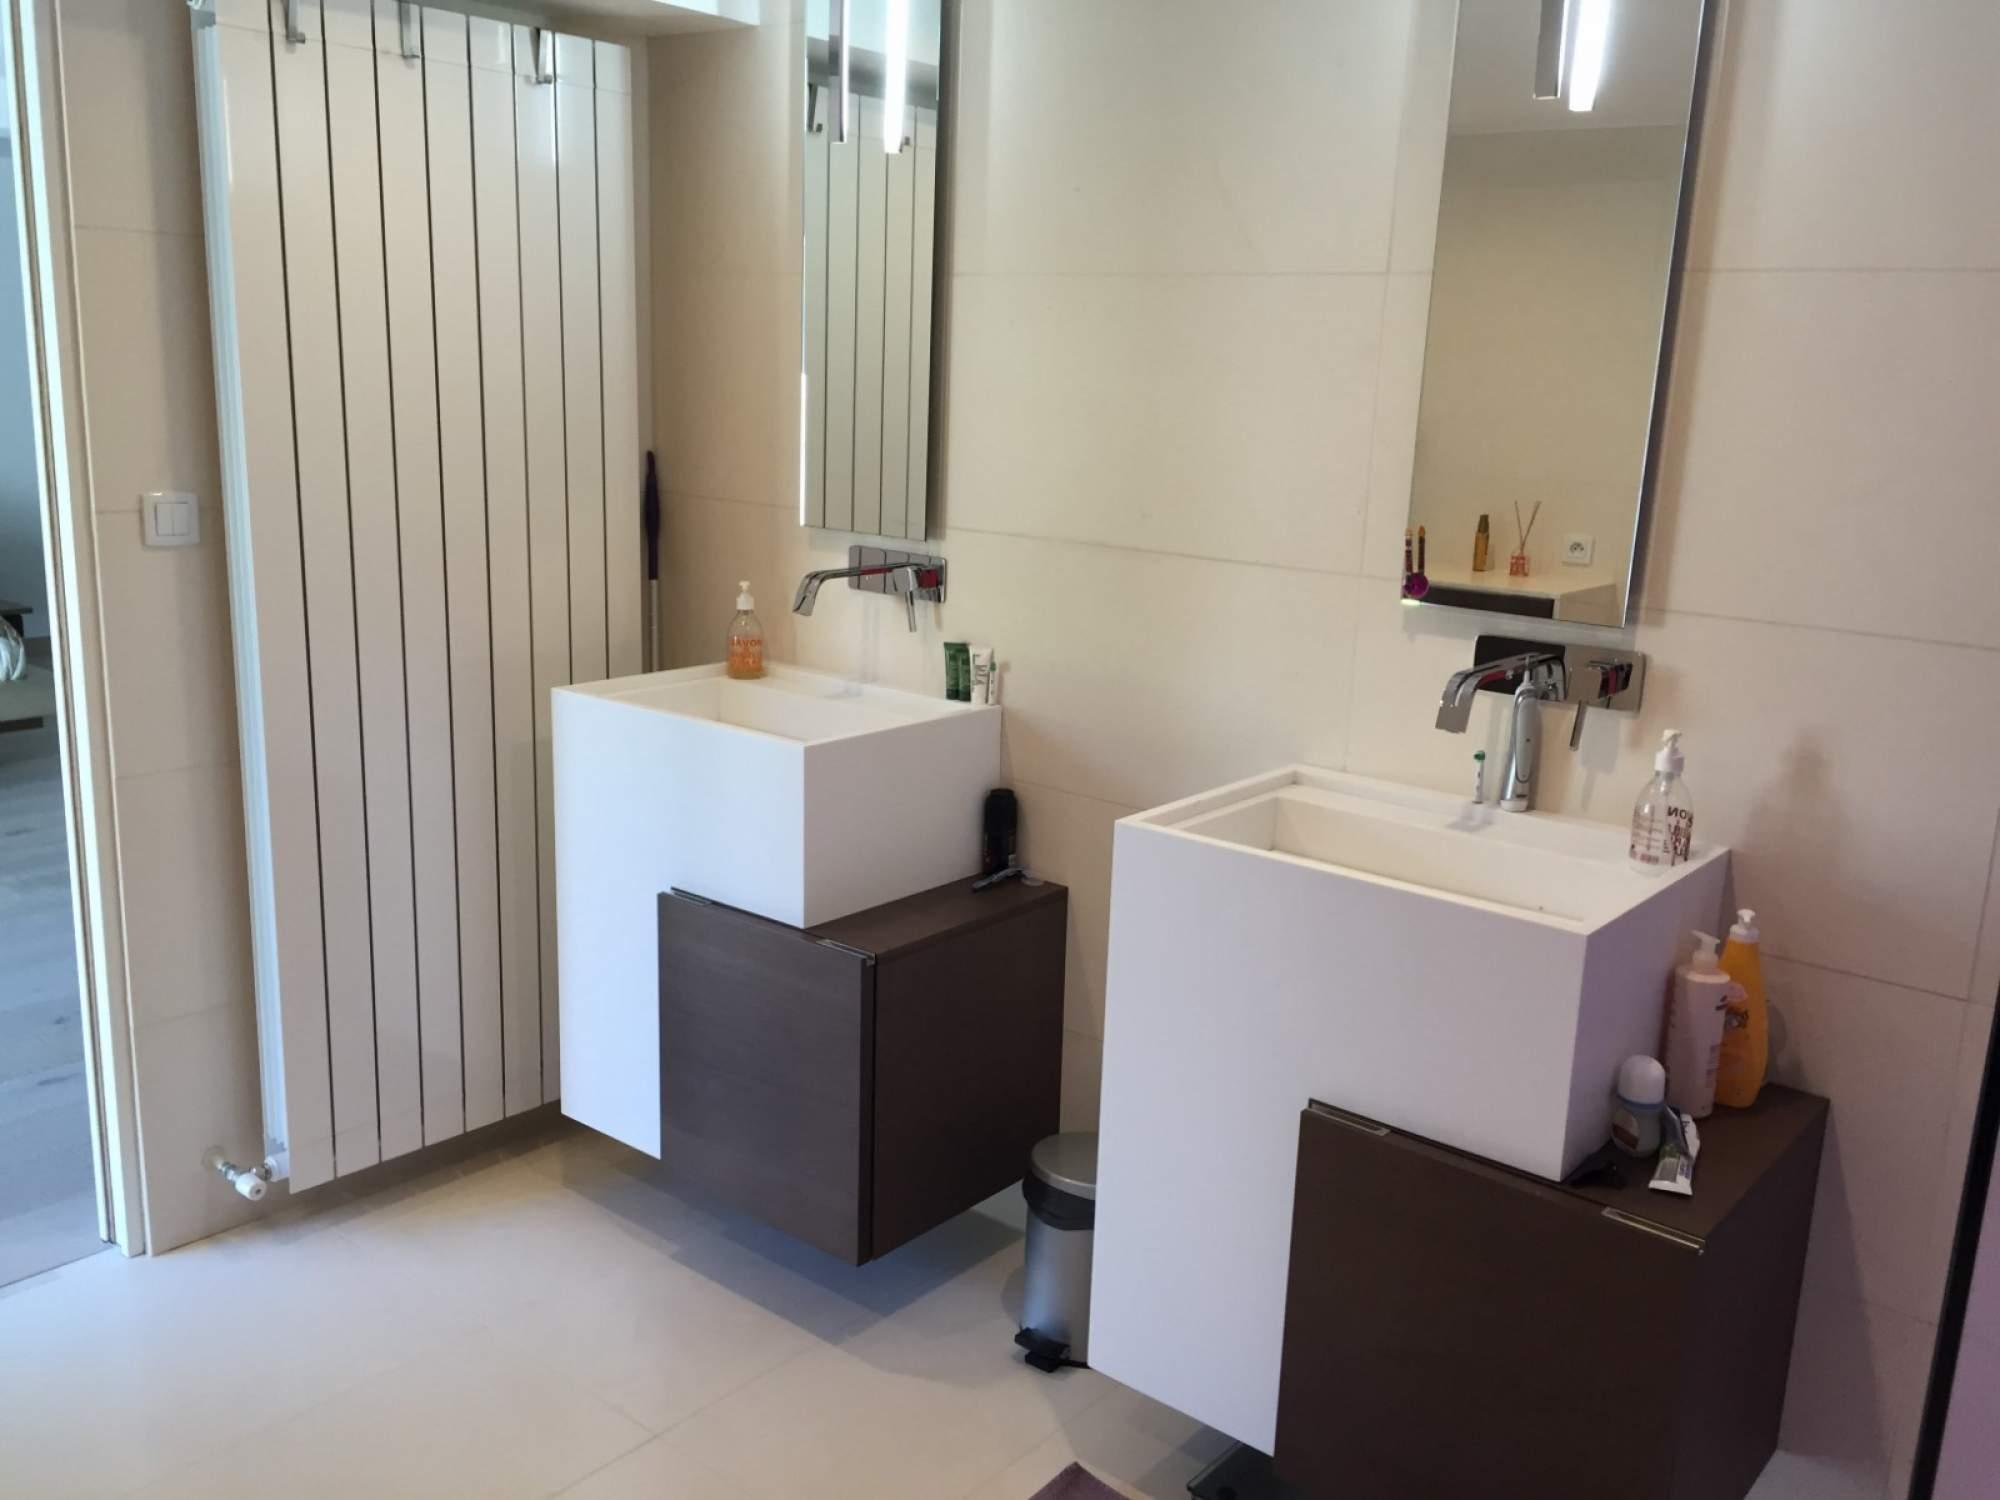 Cr ation d une salle de bains avec douche l italienne - Cout d une salle de bain a l italienne ...